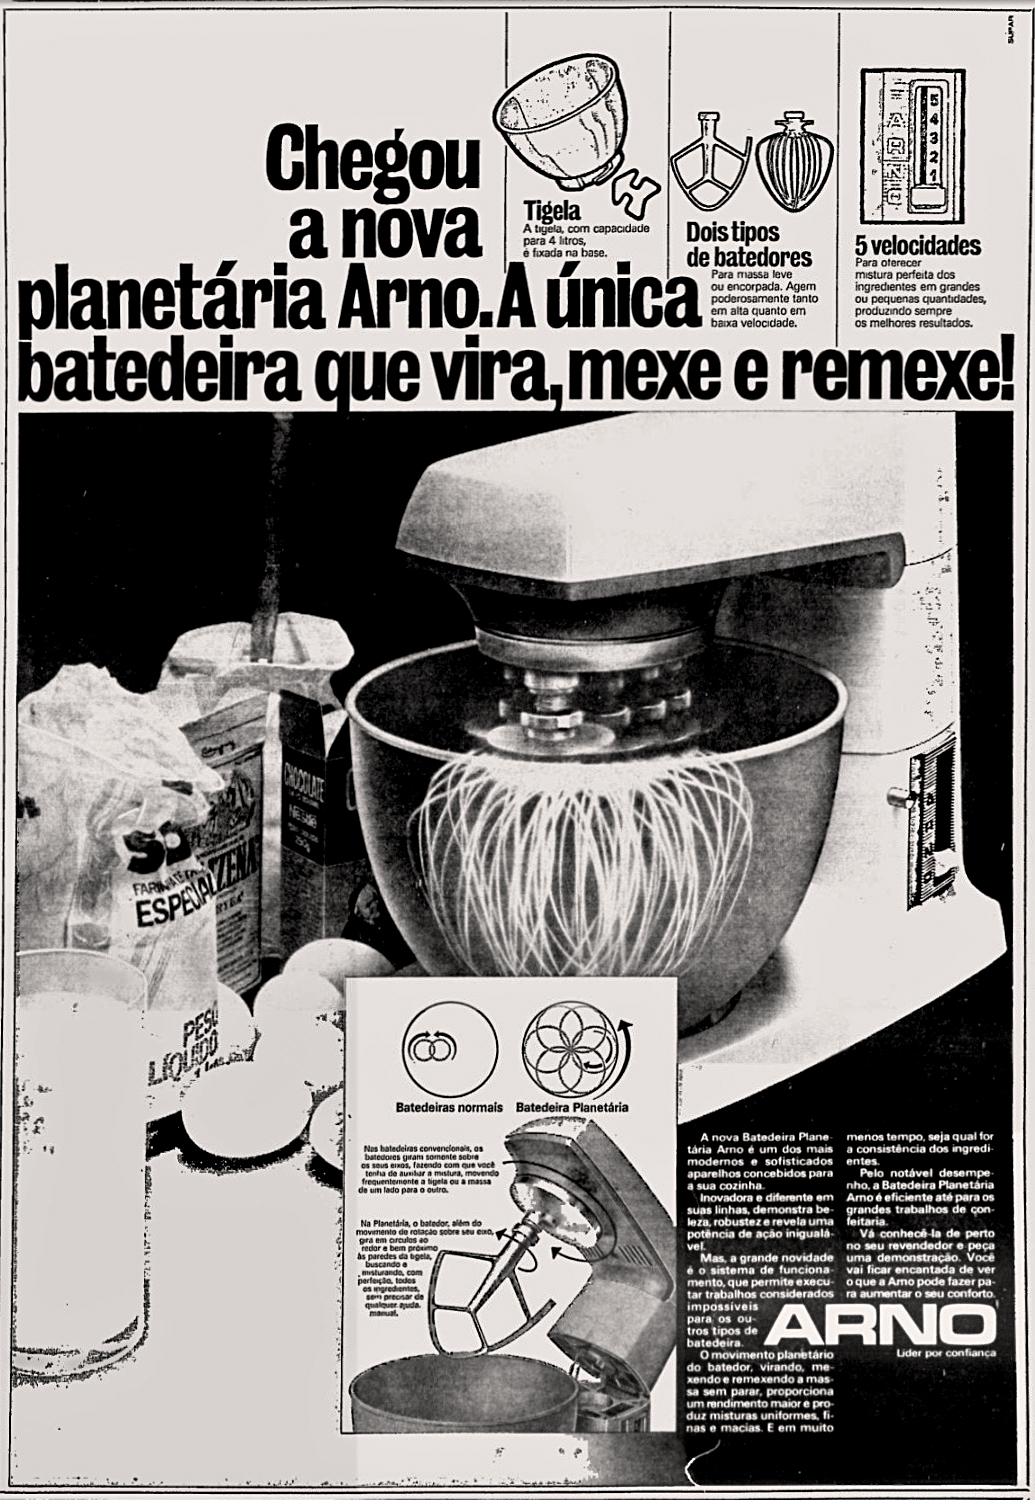 Anúncio antigo da Arno promovendo a batedeira planetária em 1978